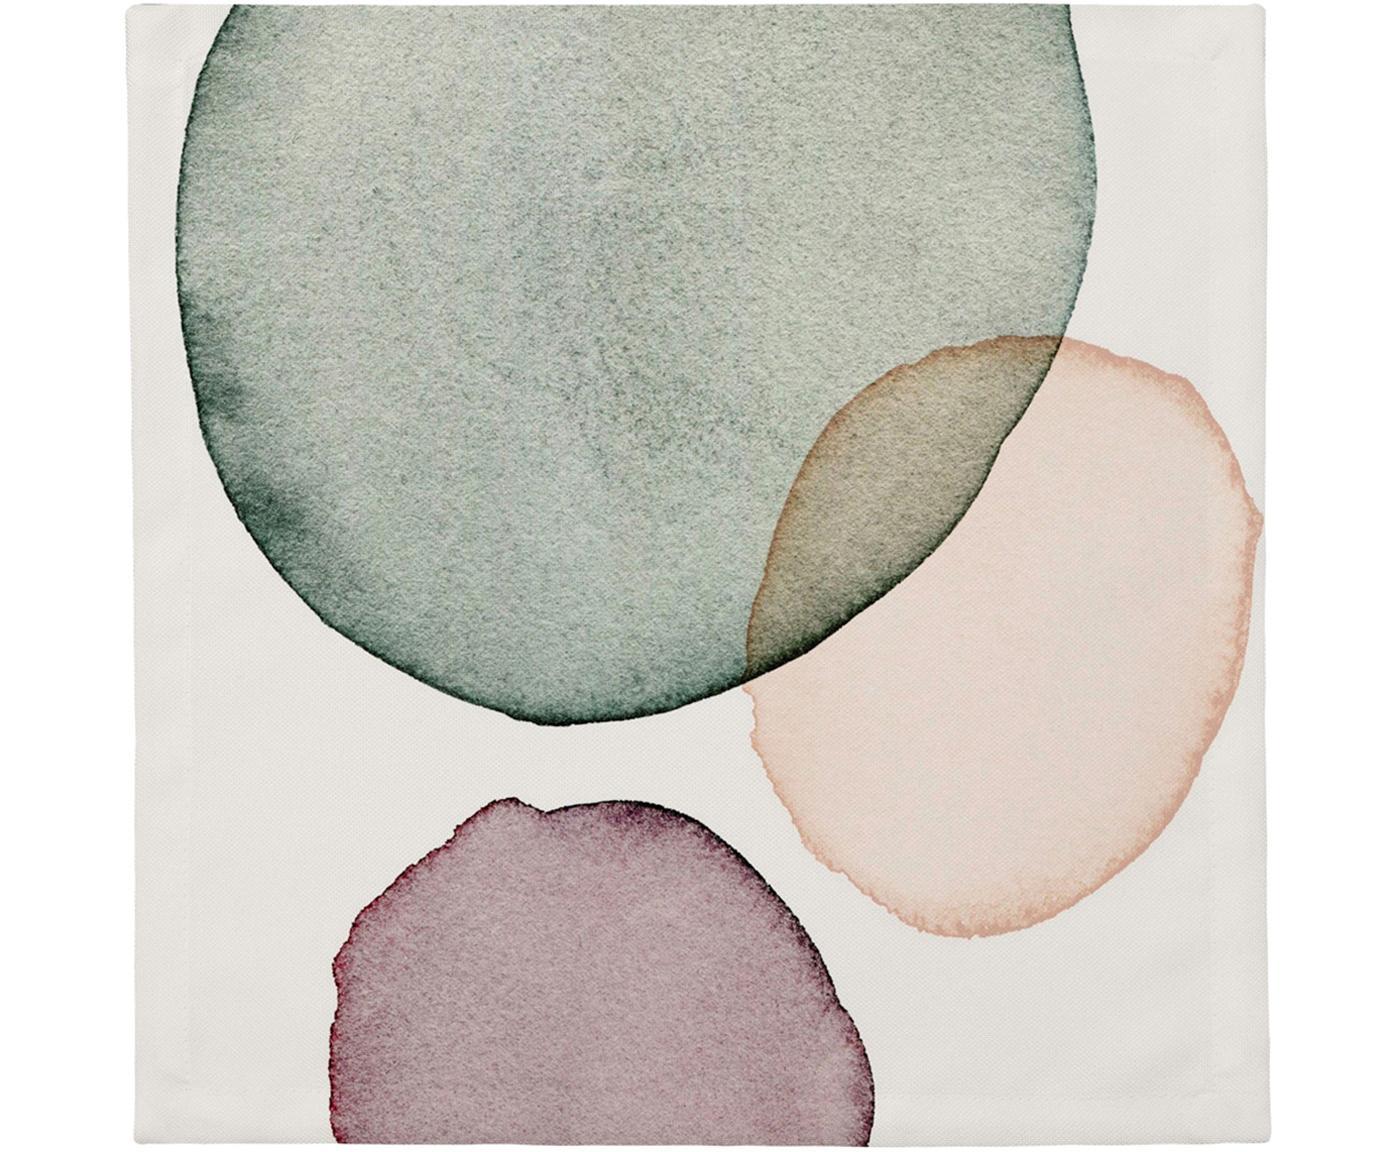 Serwetka z tkaniny Calm, 4 szt., Bawełna, Biały, zielony, lila, odcienie łososiowego, S 40 x D 40 cm